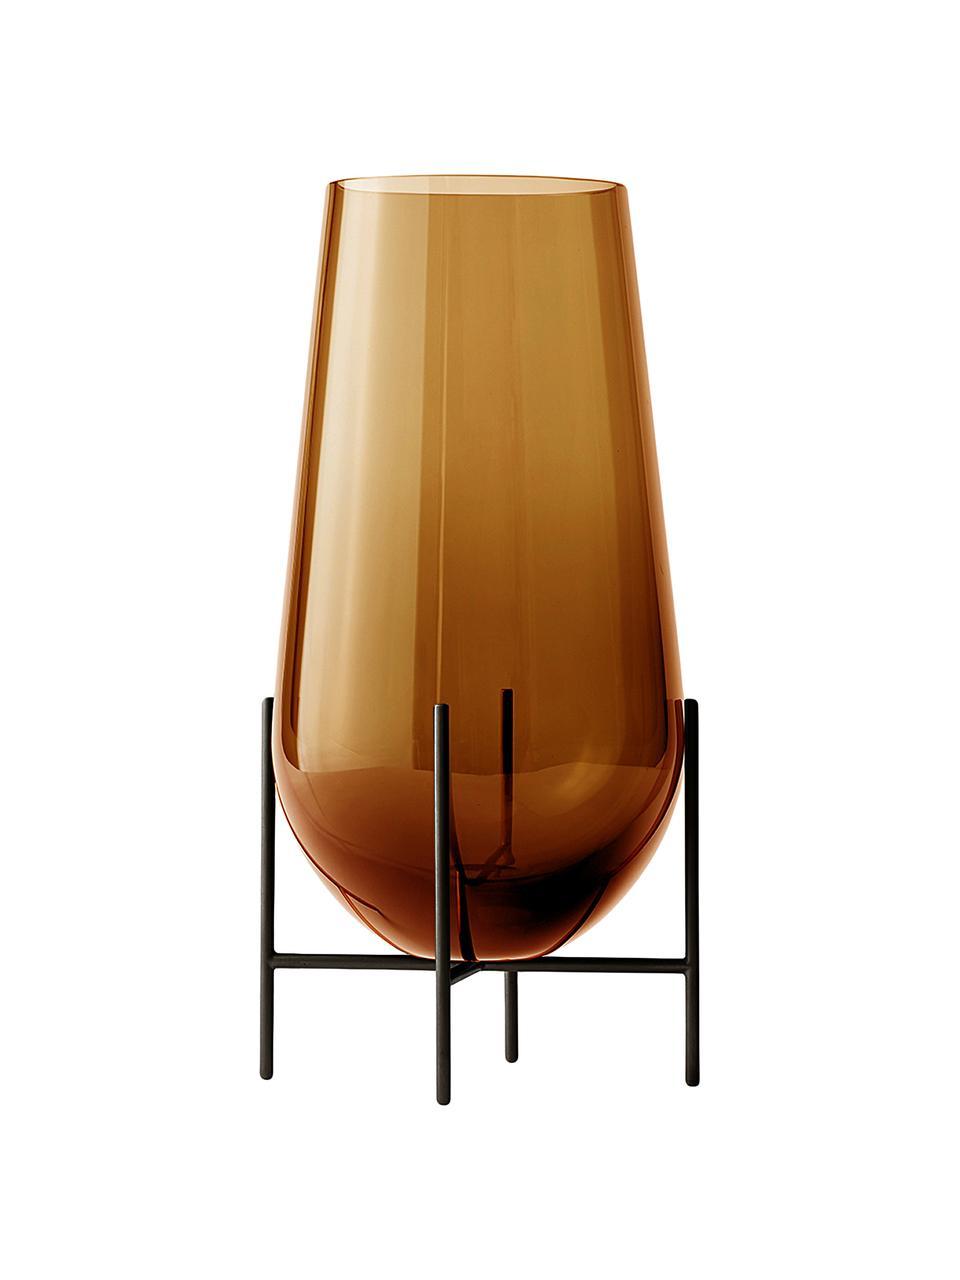 Vaso da terra in vetro soffiato Échasse, Vaso: vetro soffiato, Struttura: ottone, Vaso: marrone Struttura: bronzo, Ø 22 x Alt. 44 cm